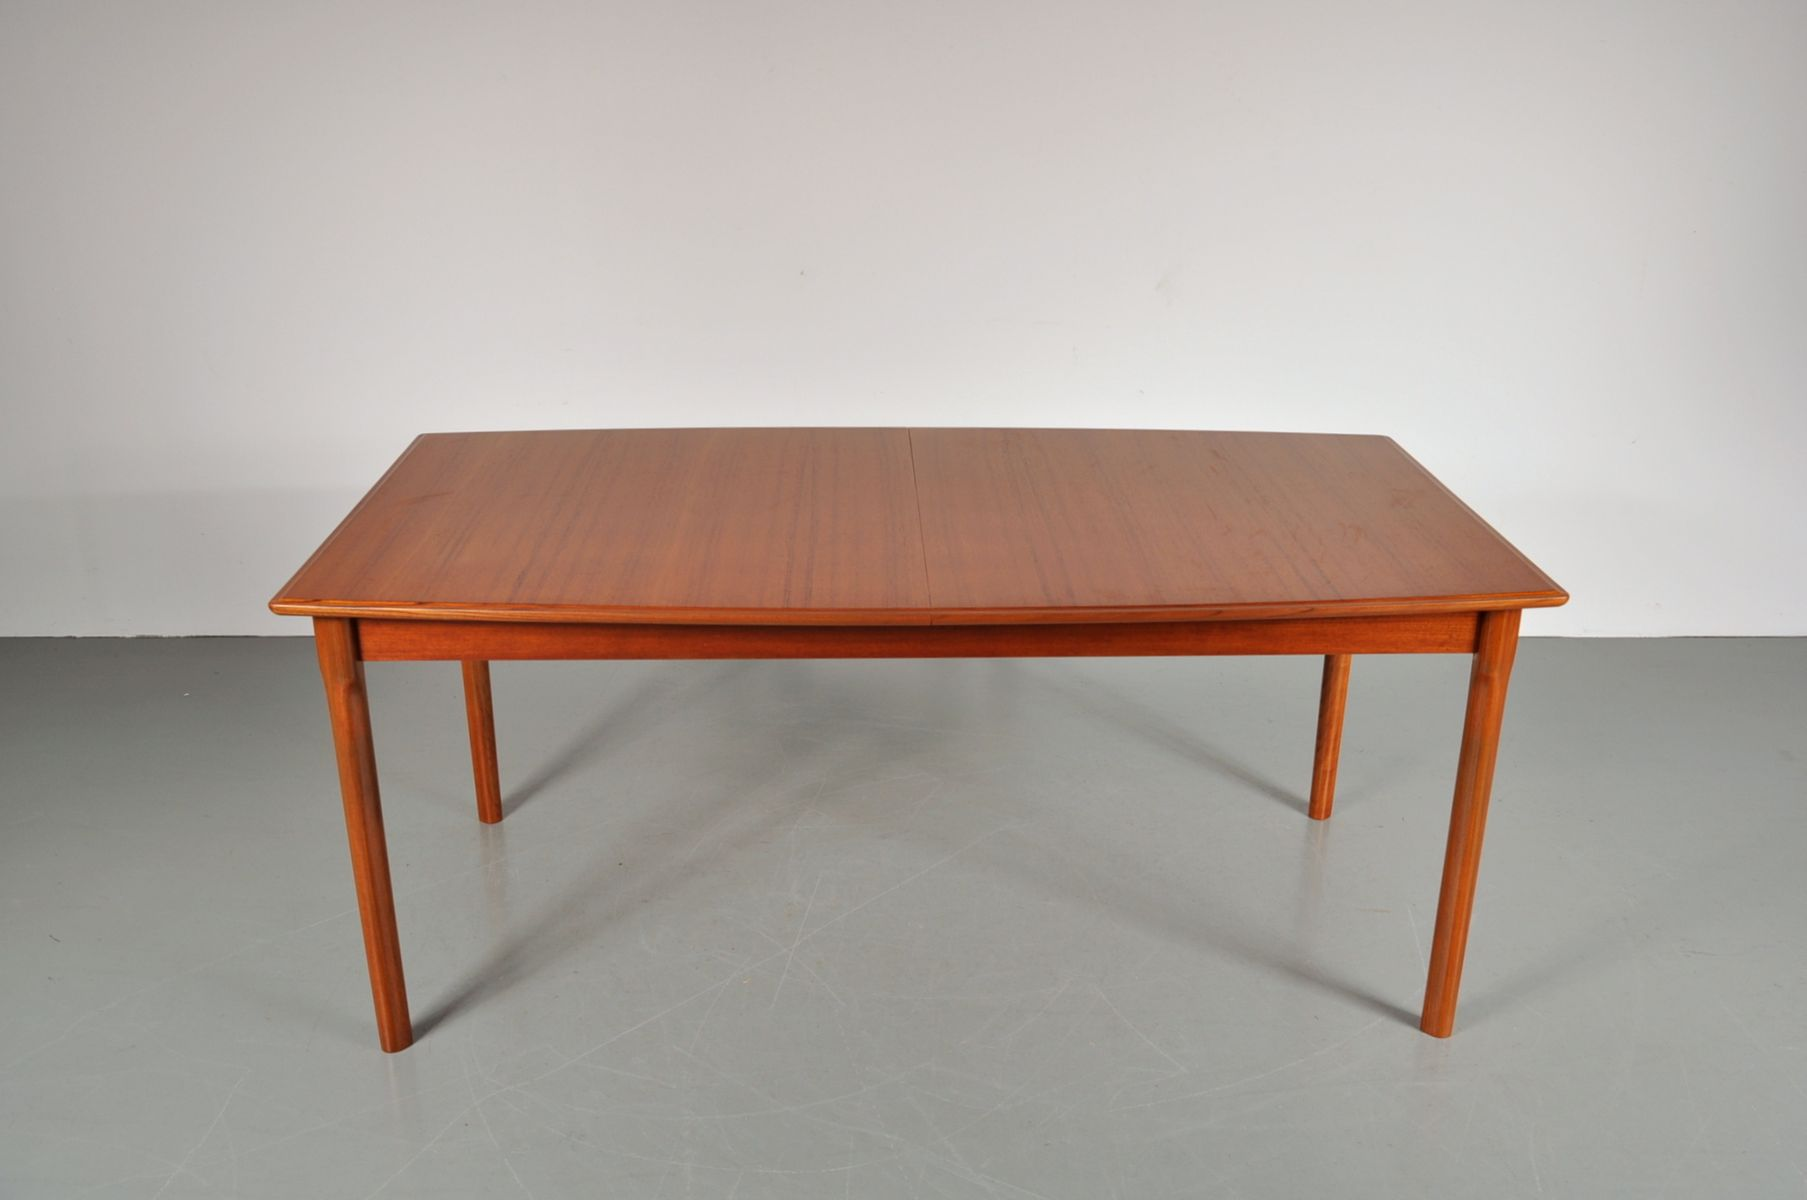 vintage teak esstisch mit ausziehbarer tischplatte 1950er bei pamono kaufen. Black Bedroom Furniture Sets. Home Design Ideas